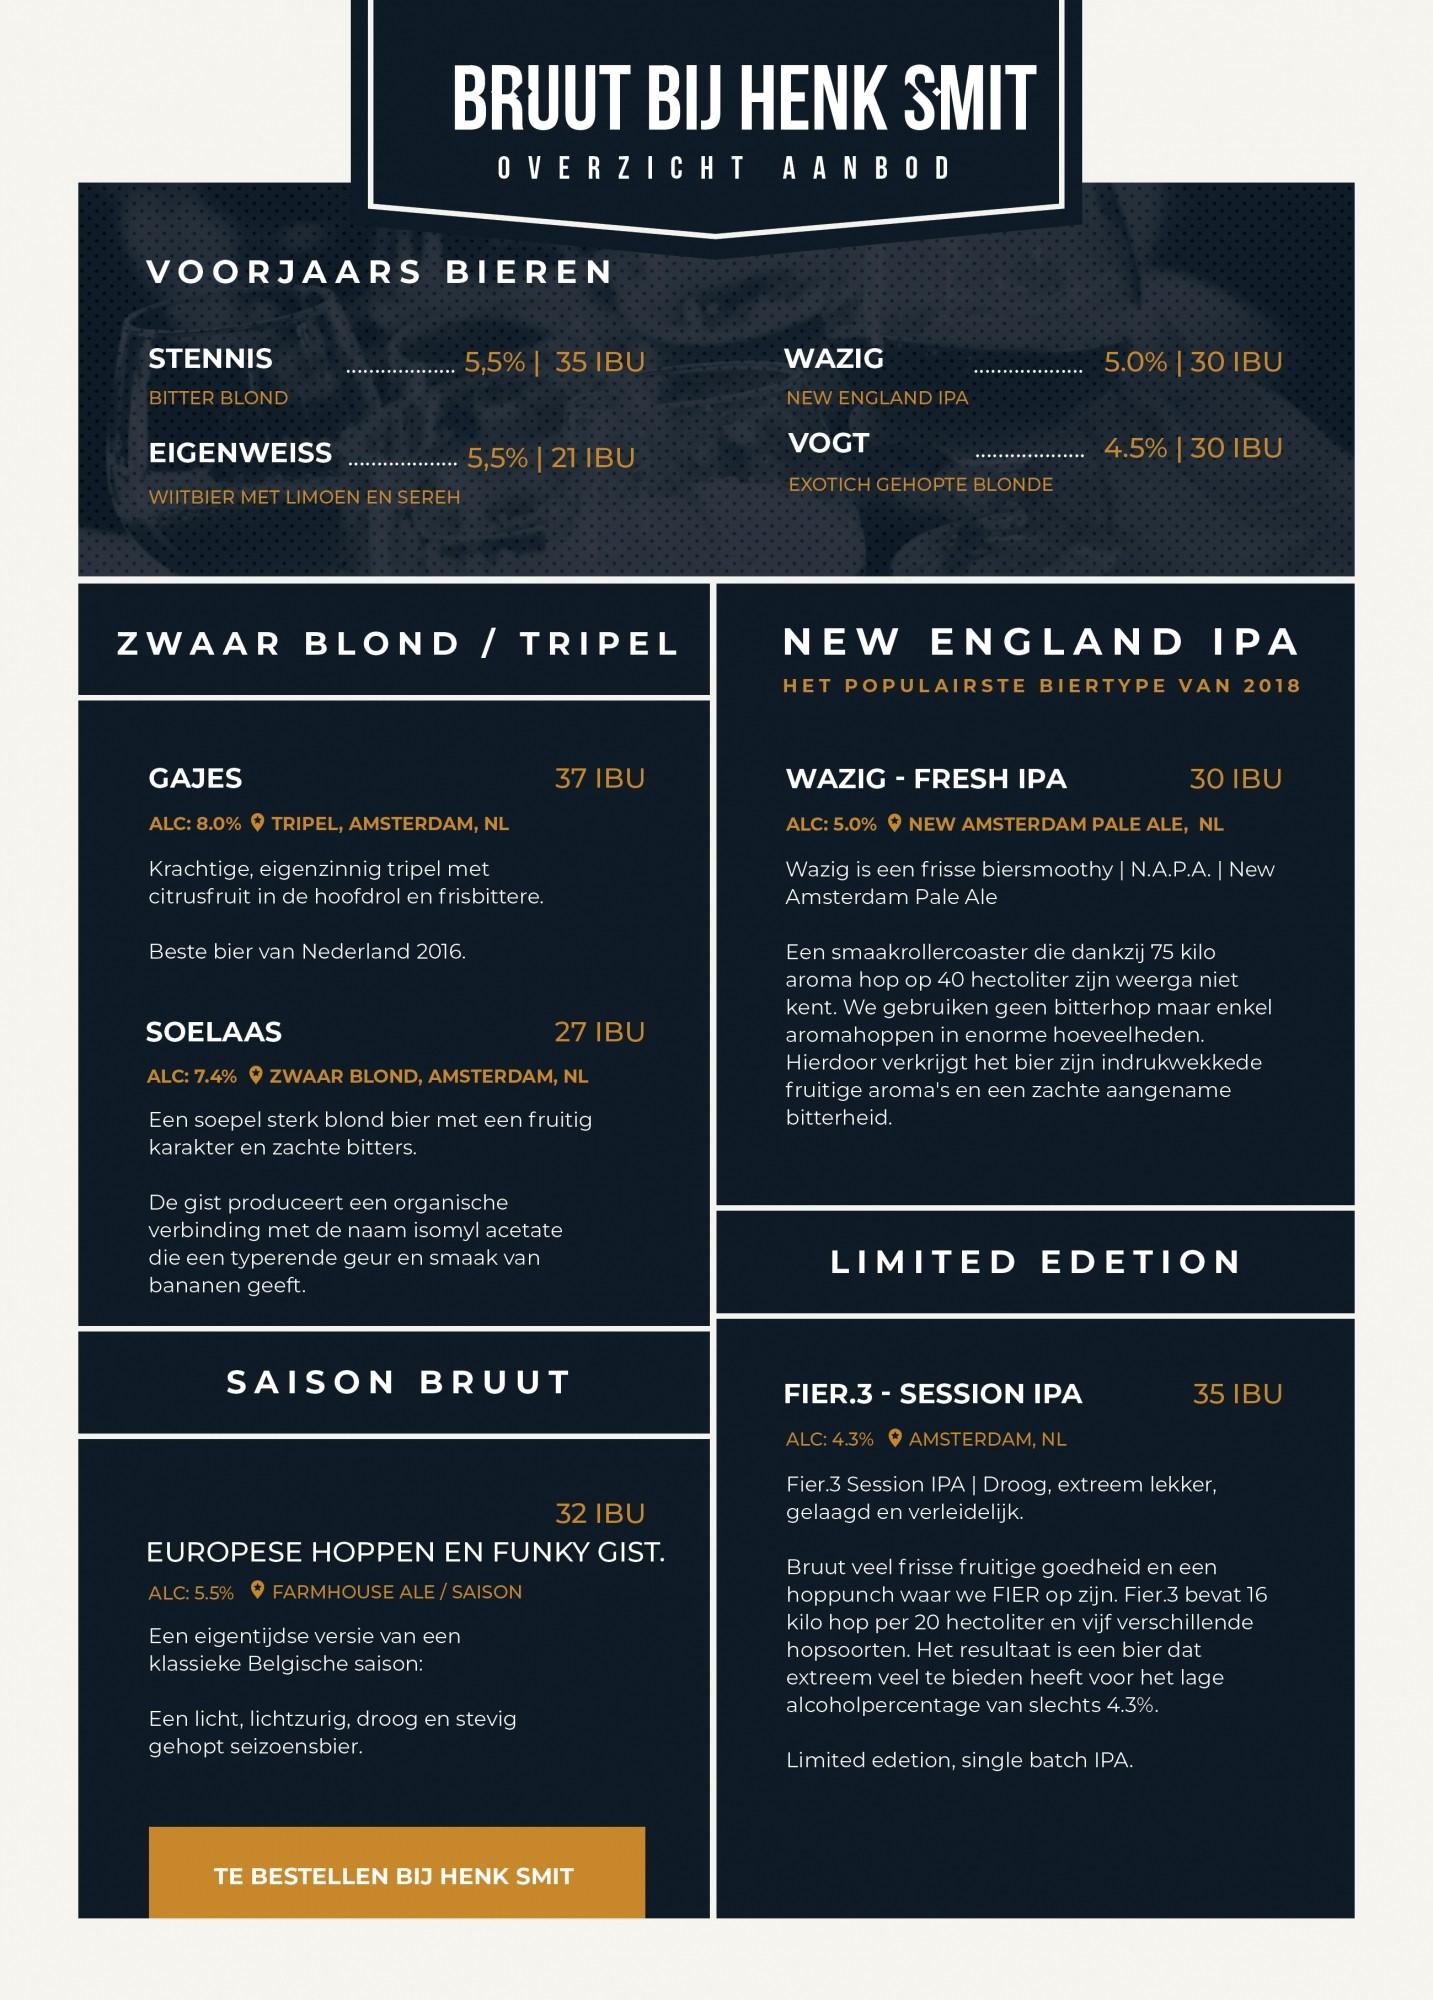 Drankengroothandel Henk Smit | Bruut Bier